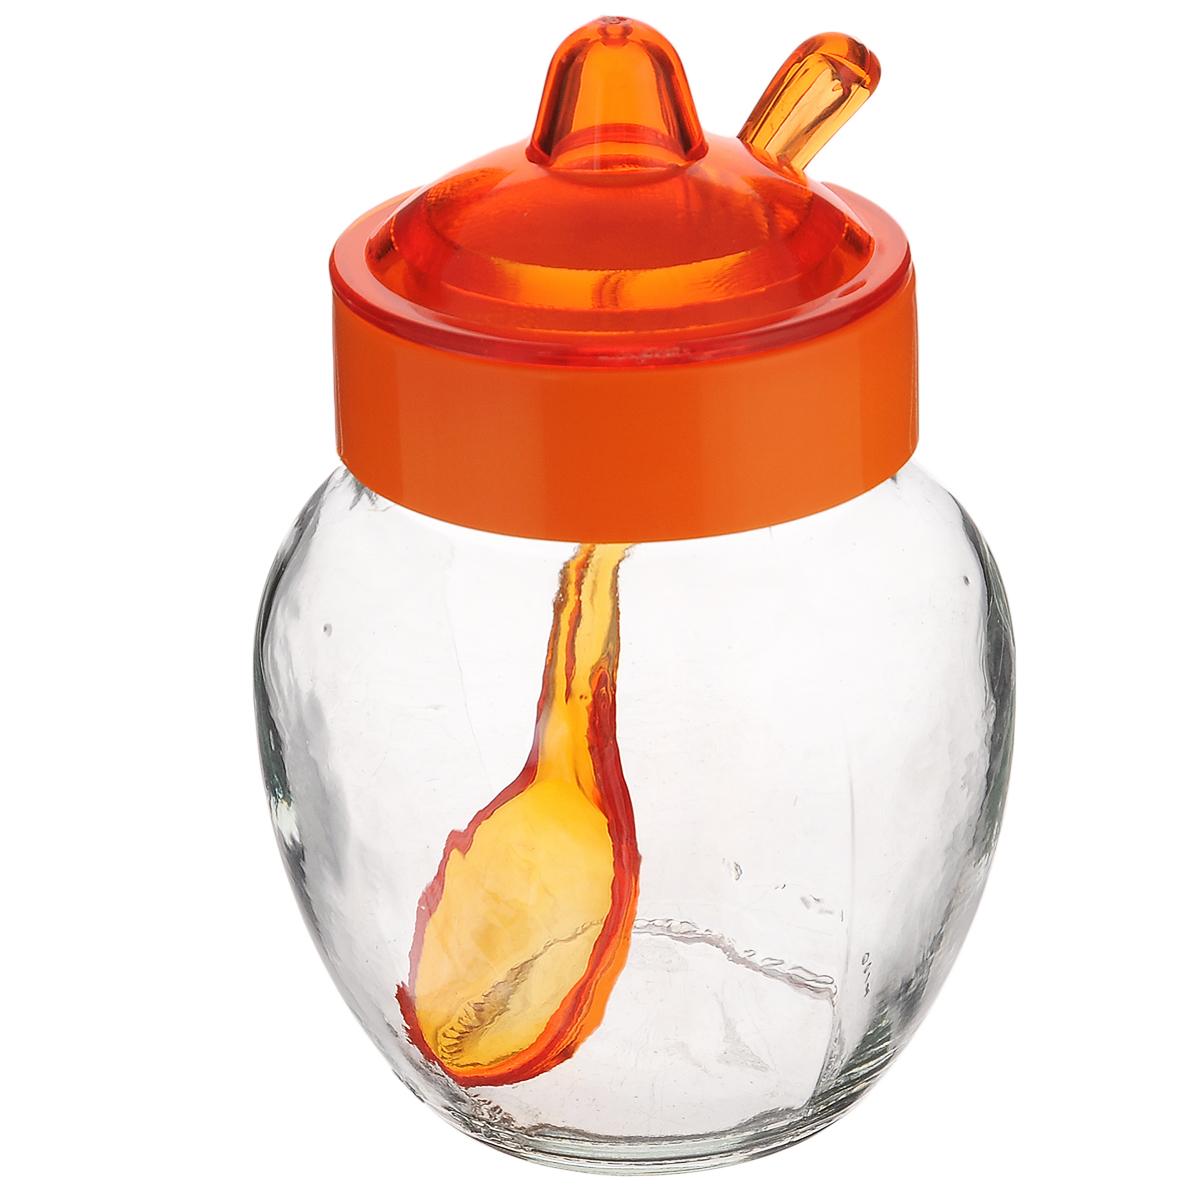 Емкость для соуса Herevin, с ложкой, цвет: оранжевый, прозрачный, 370 мл131506-000_оранжевыйЕмкость для соуса Herevin изготовлена из прочного стекла. Банка оснащена пластиковой крышкой и ложкой. Изделие предназначено для хранения различных соусов. Функциональная и вместительная, такая банка станет незаменимым аксессуаром на любой кухне. Можно мыть в посудомоечной машине. Пластиковые части рекомендуется мыть вручную.Диаметр (по верхнему краю): 5,5 см.Высота банки (без учета крышки): 10 см.Длина ложки: 13 см.